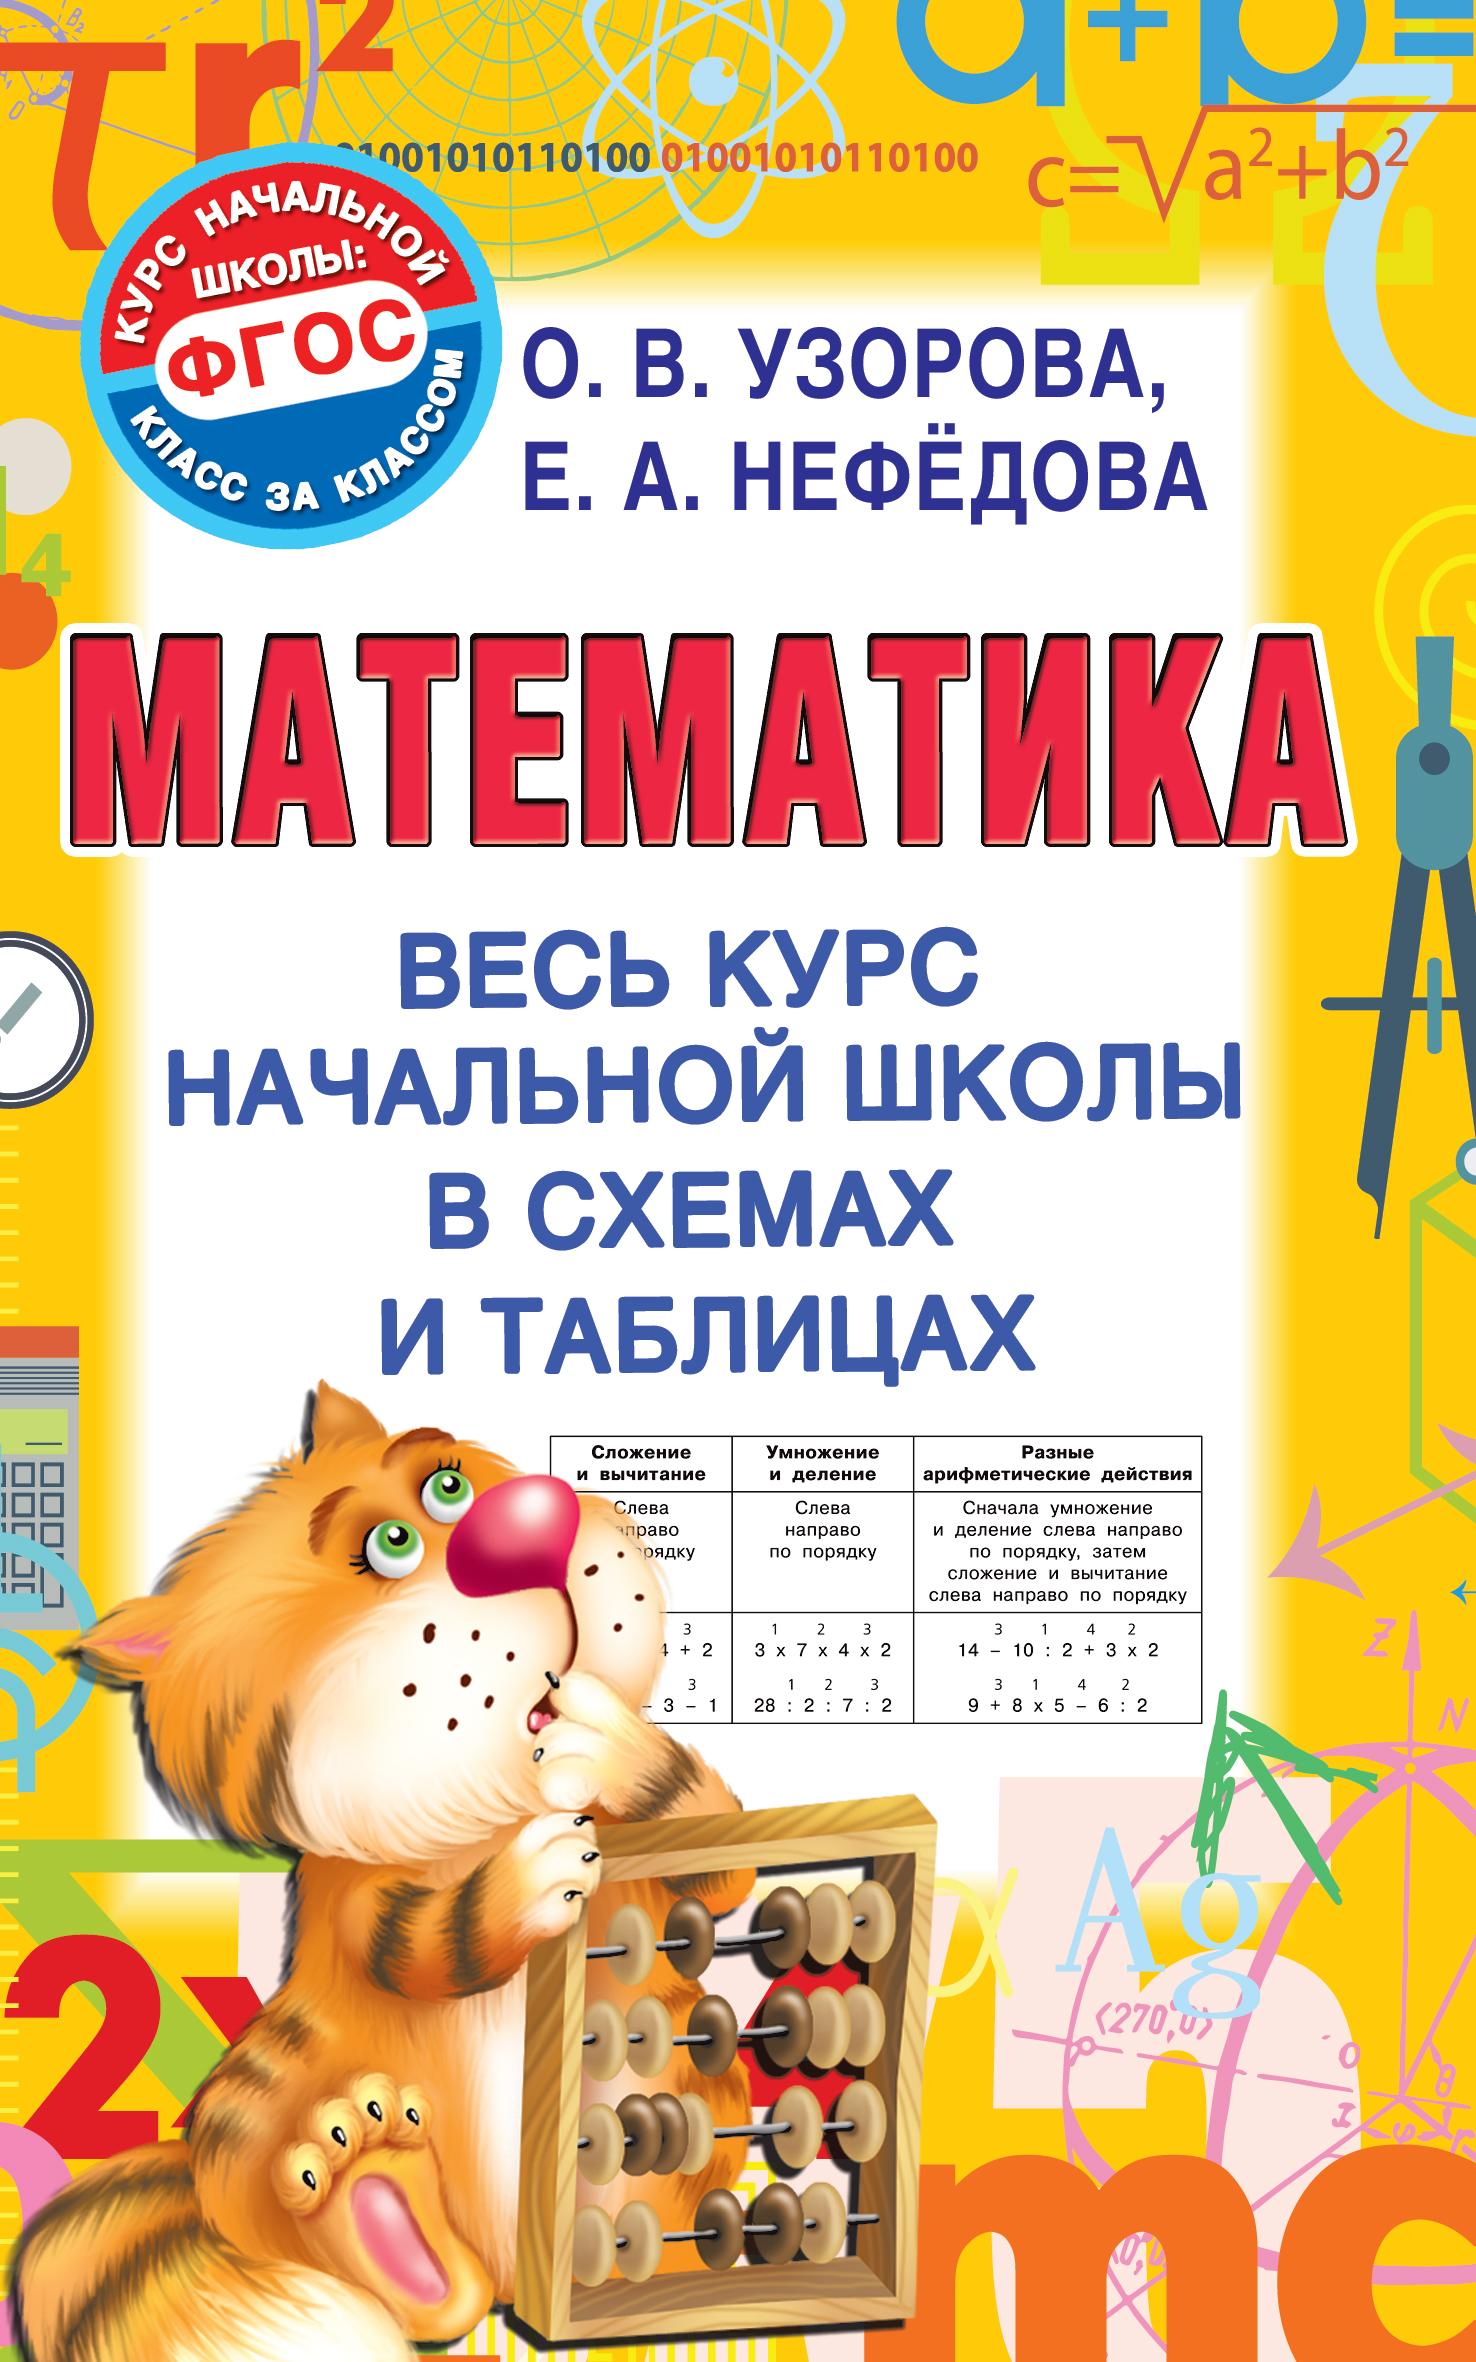 Узорова О.В., Нефедова Е.А. Математика. Весь курс начальной школы в схемах и таблицах цена